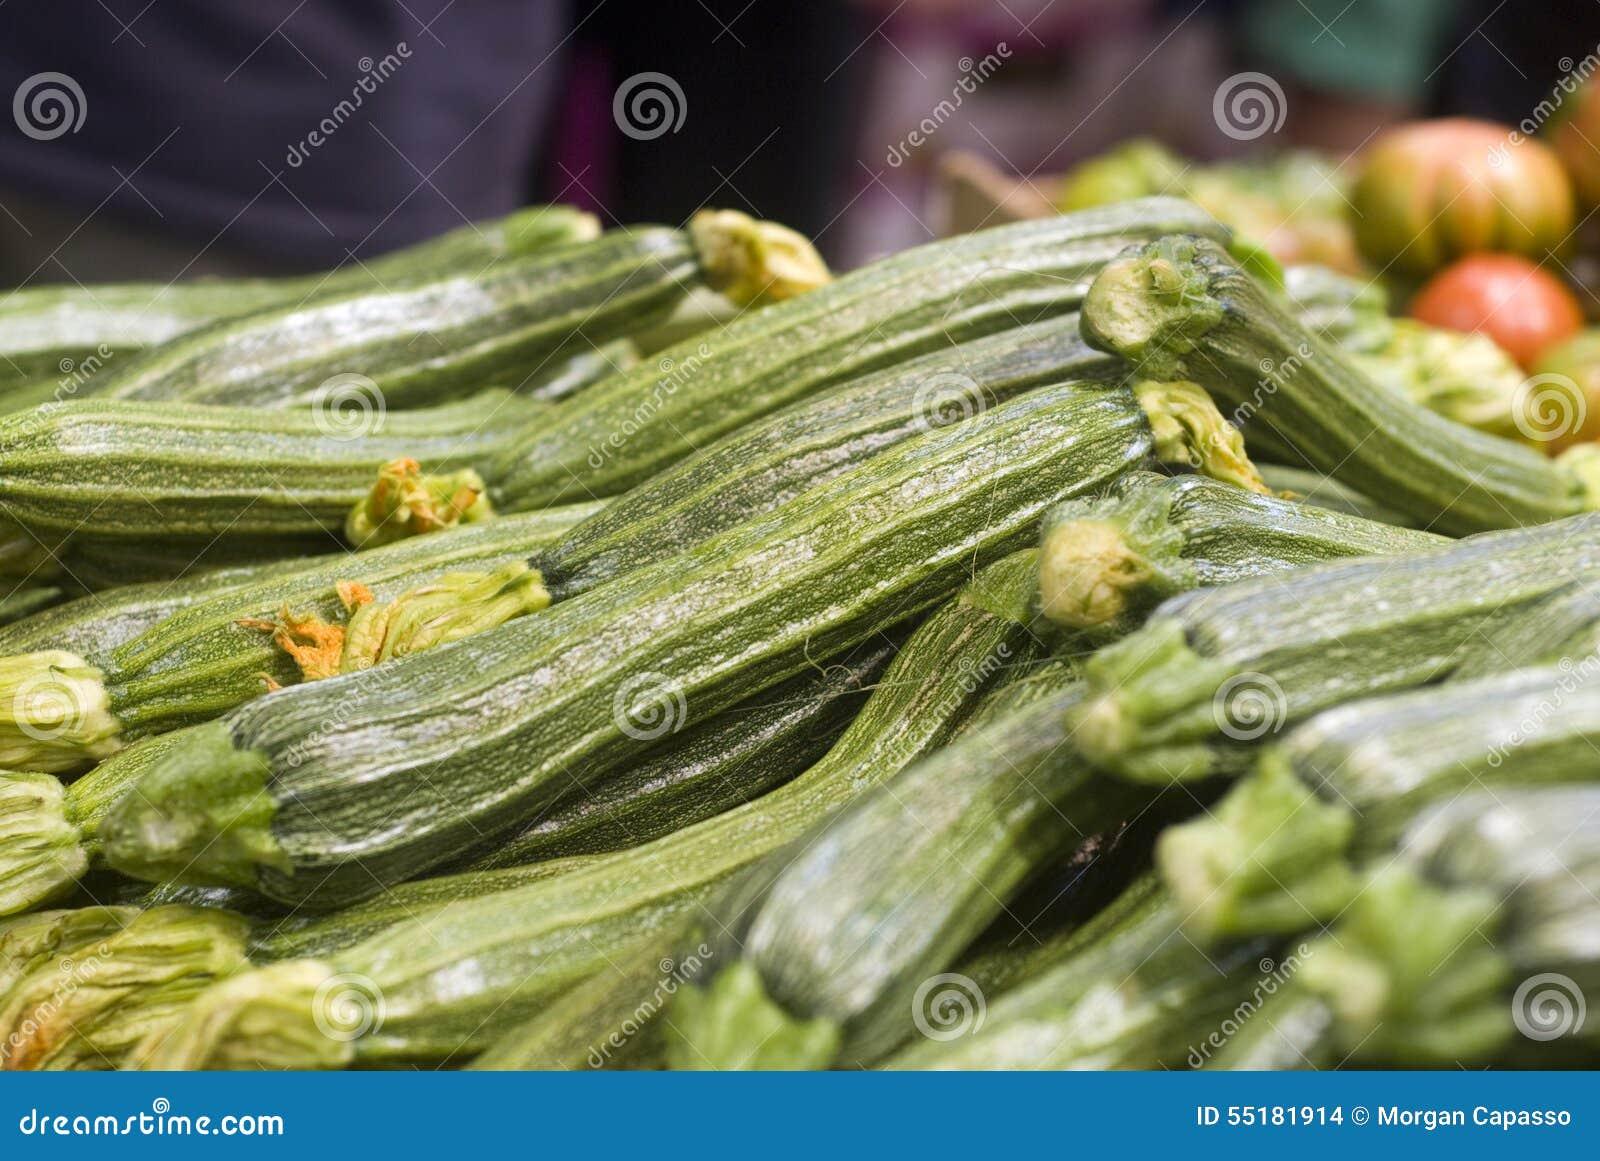 Grön zucchini